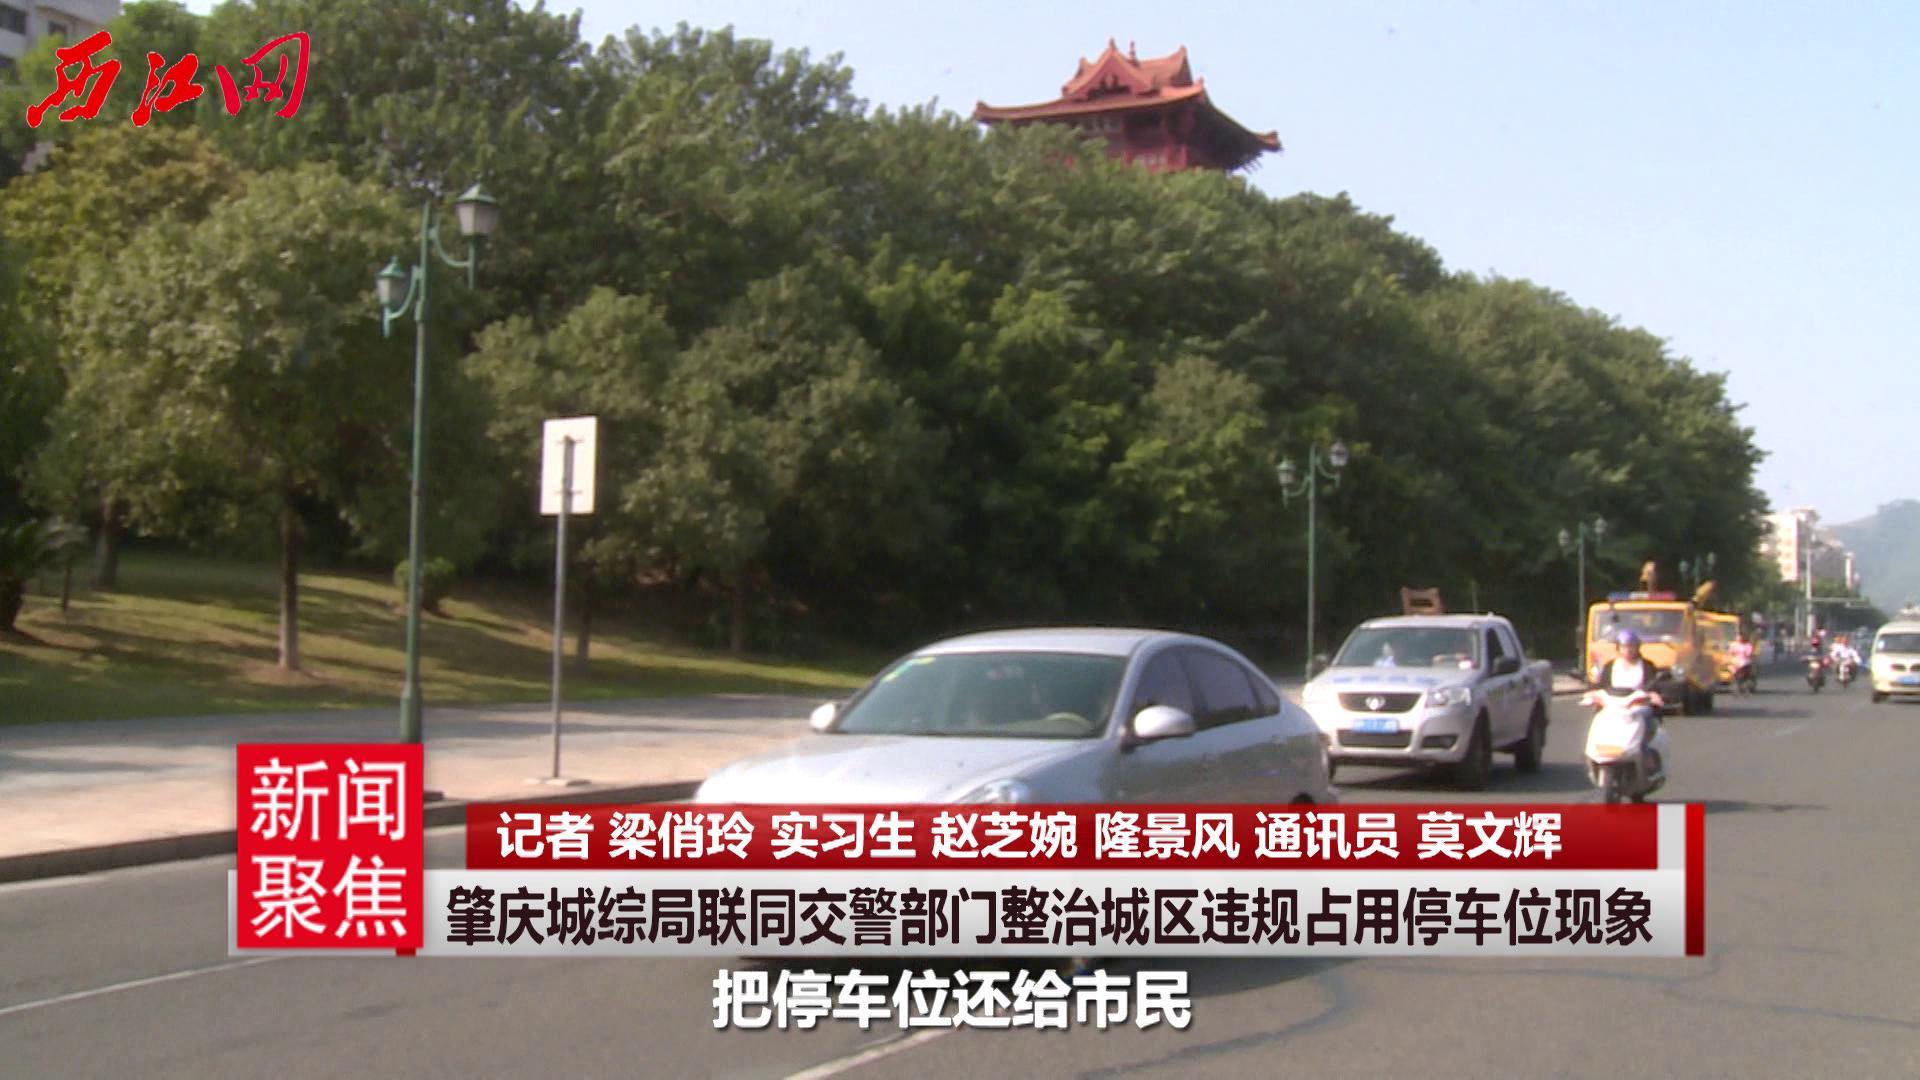 肇庆城综局联同交警部门整治城区违规占用停车位现象